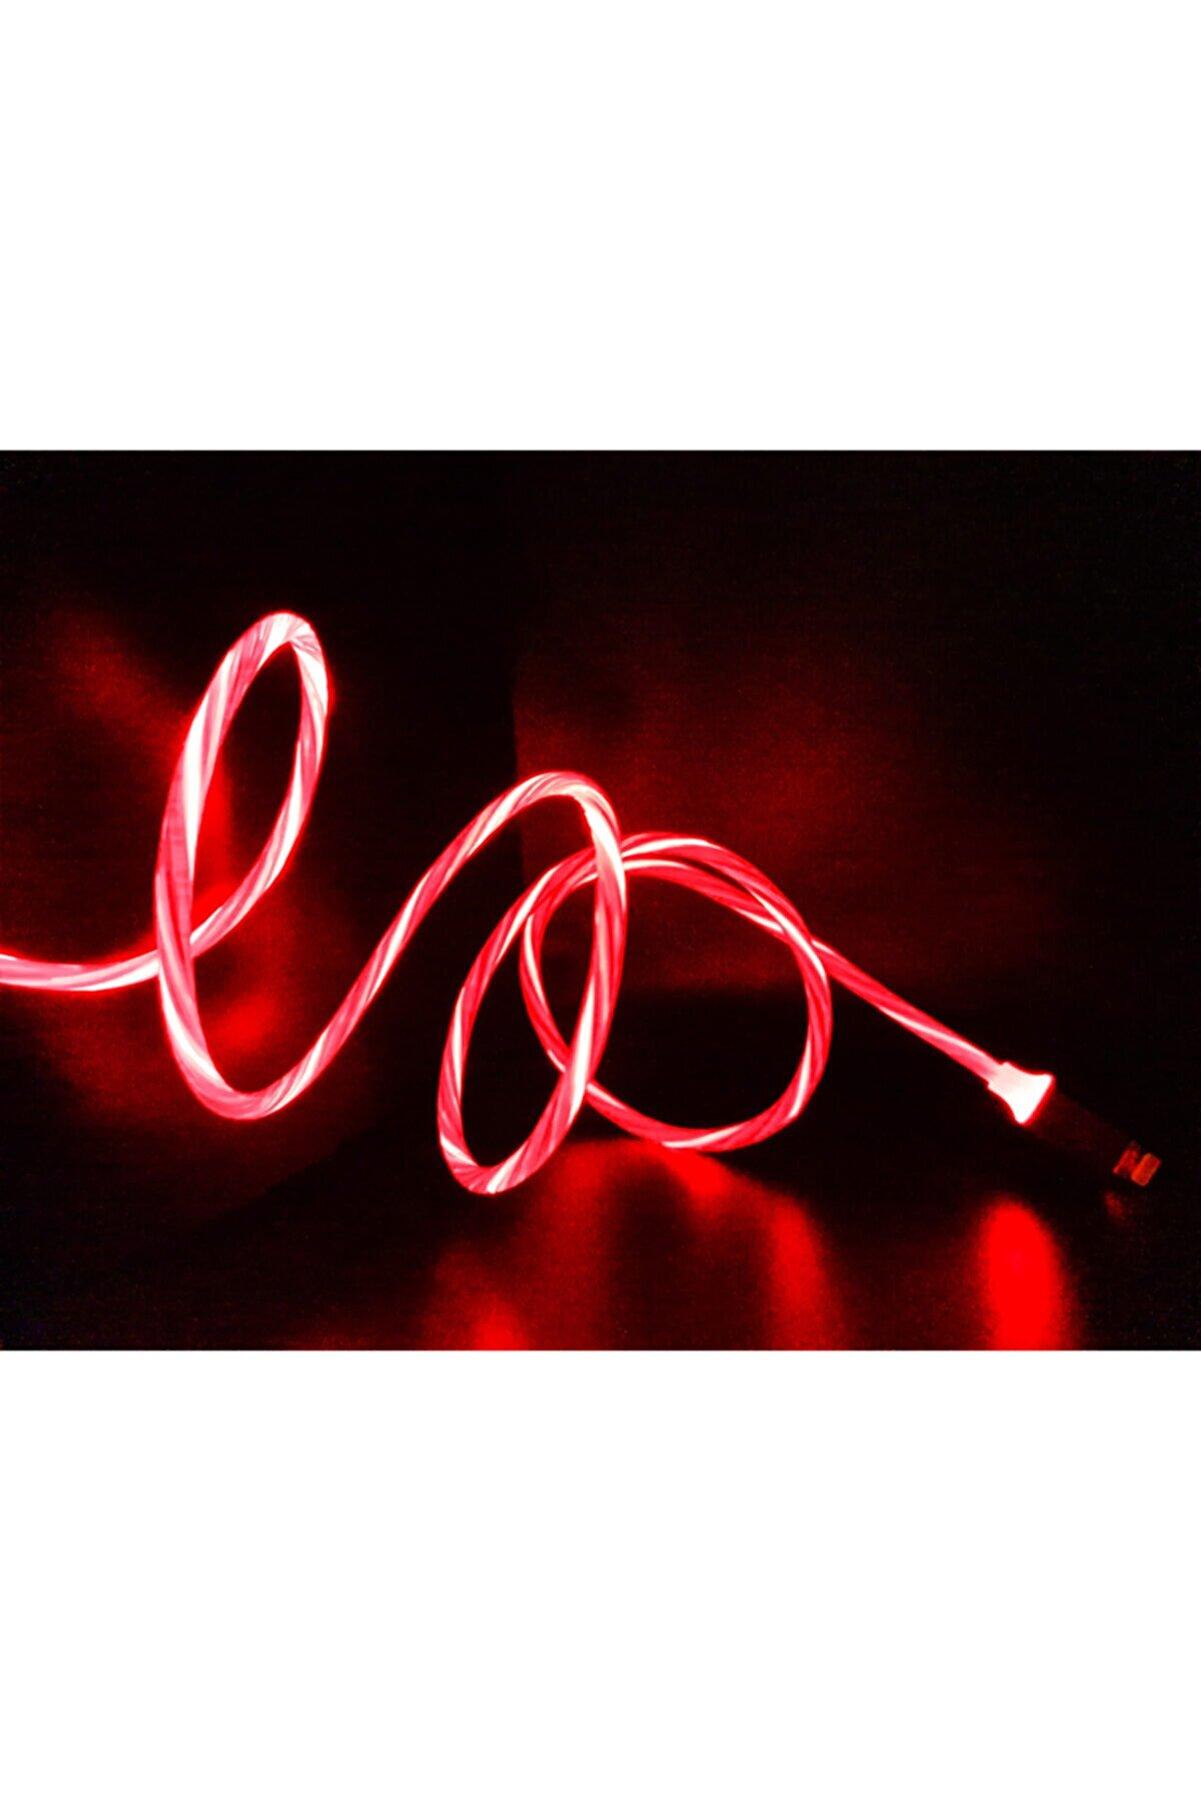 MADEPAZAR Kırmızı Renk Neon Işıklı Ledli Yeni Nesil Iphone Kablo